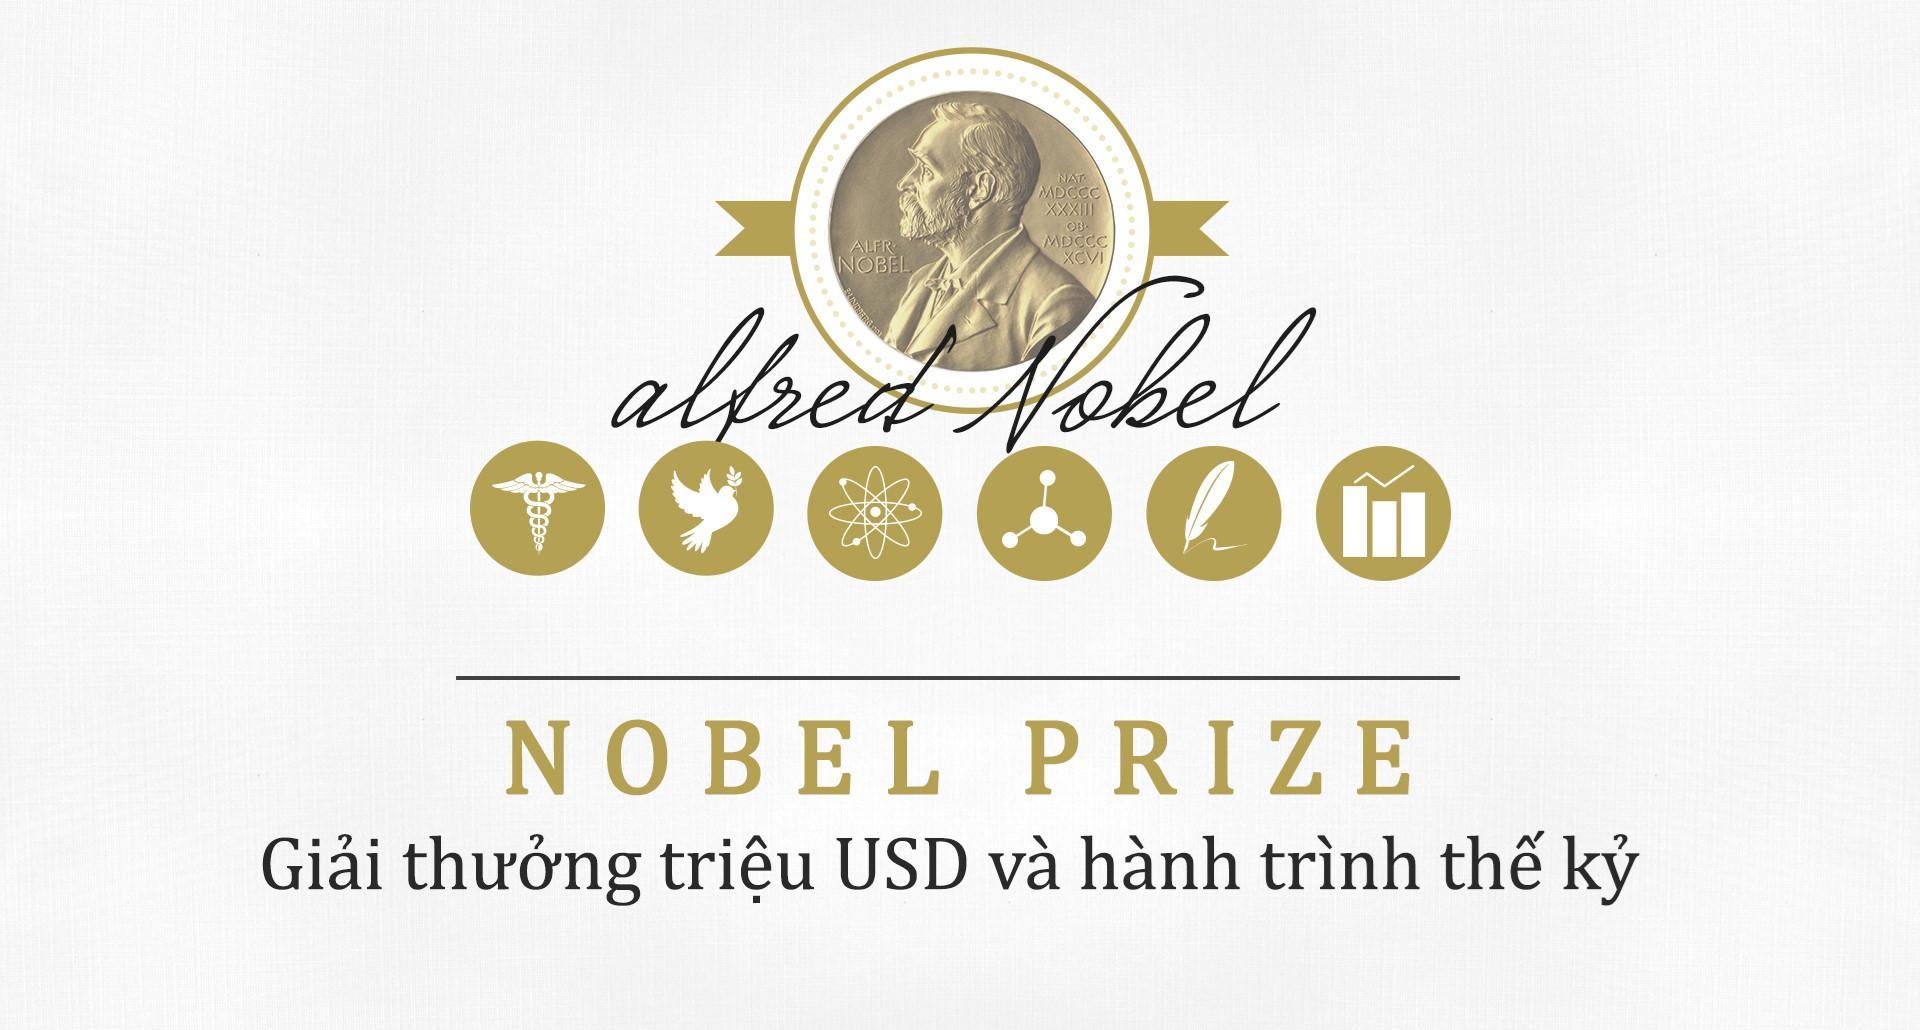 Giải thưởng Nobel: Vinh hiển tột cùng và những góc khuất-1